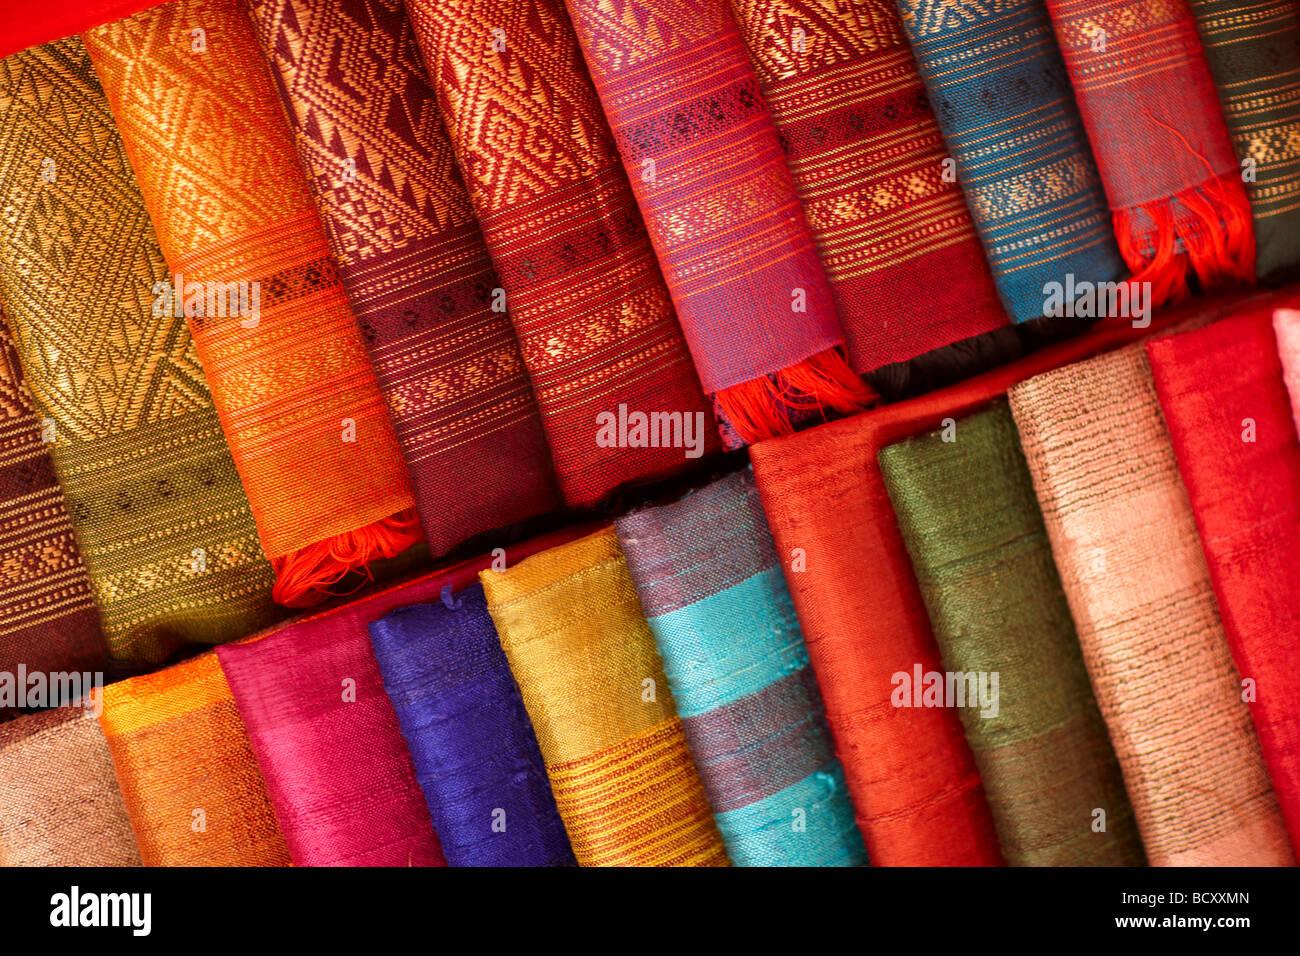 Dettagli di tessuti di seta in vendita nel mercato notturno, Luang Prabang, Laos Immagini Stock